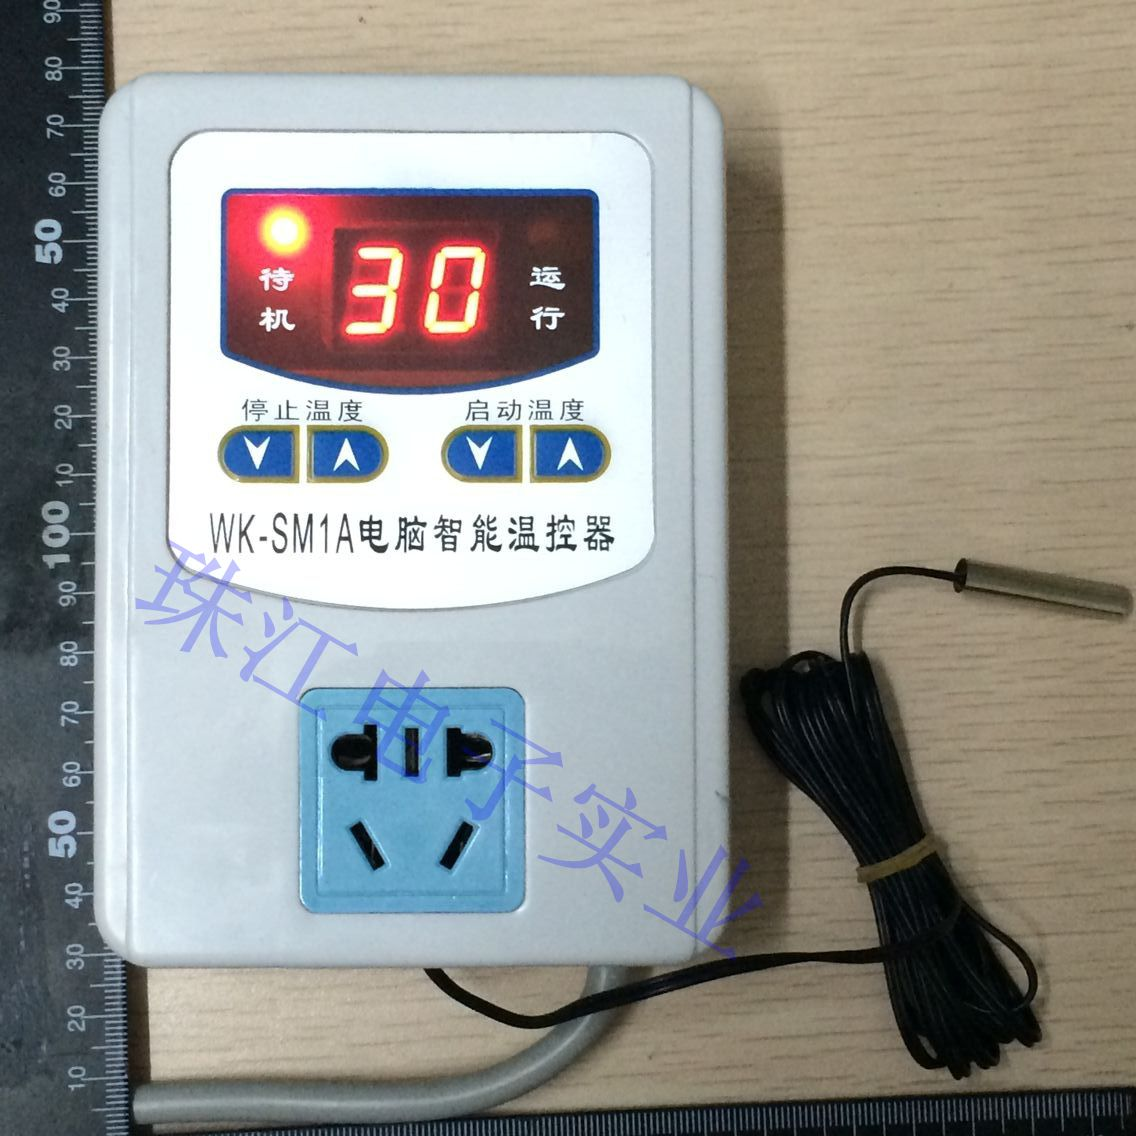 冰箱温控开关_自动全新多用途 温度控制器 温控开关 插座 冰箱知音 温控器 特价商品